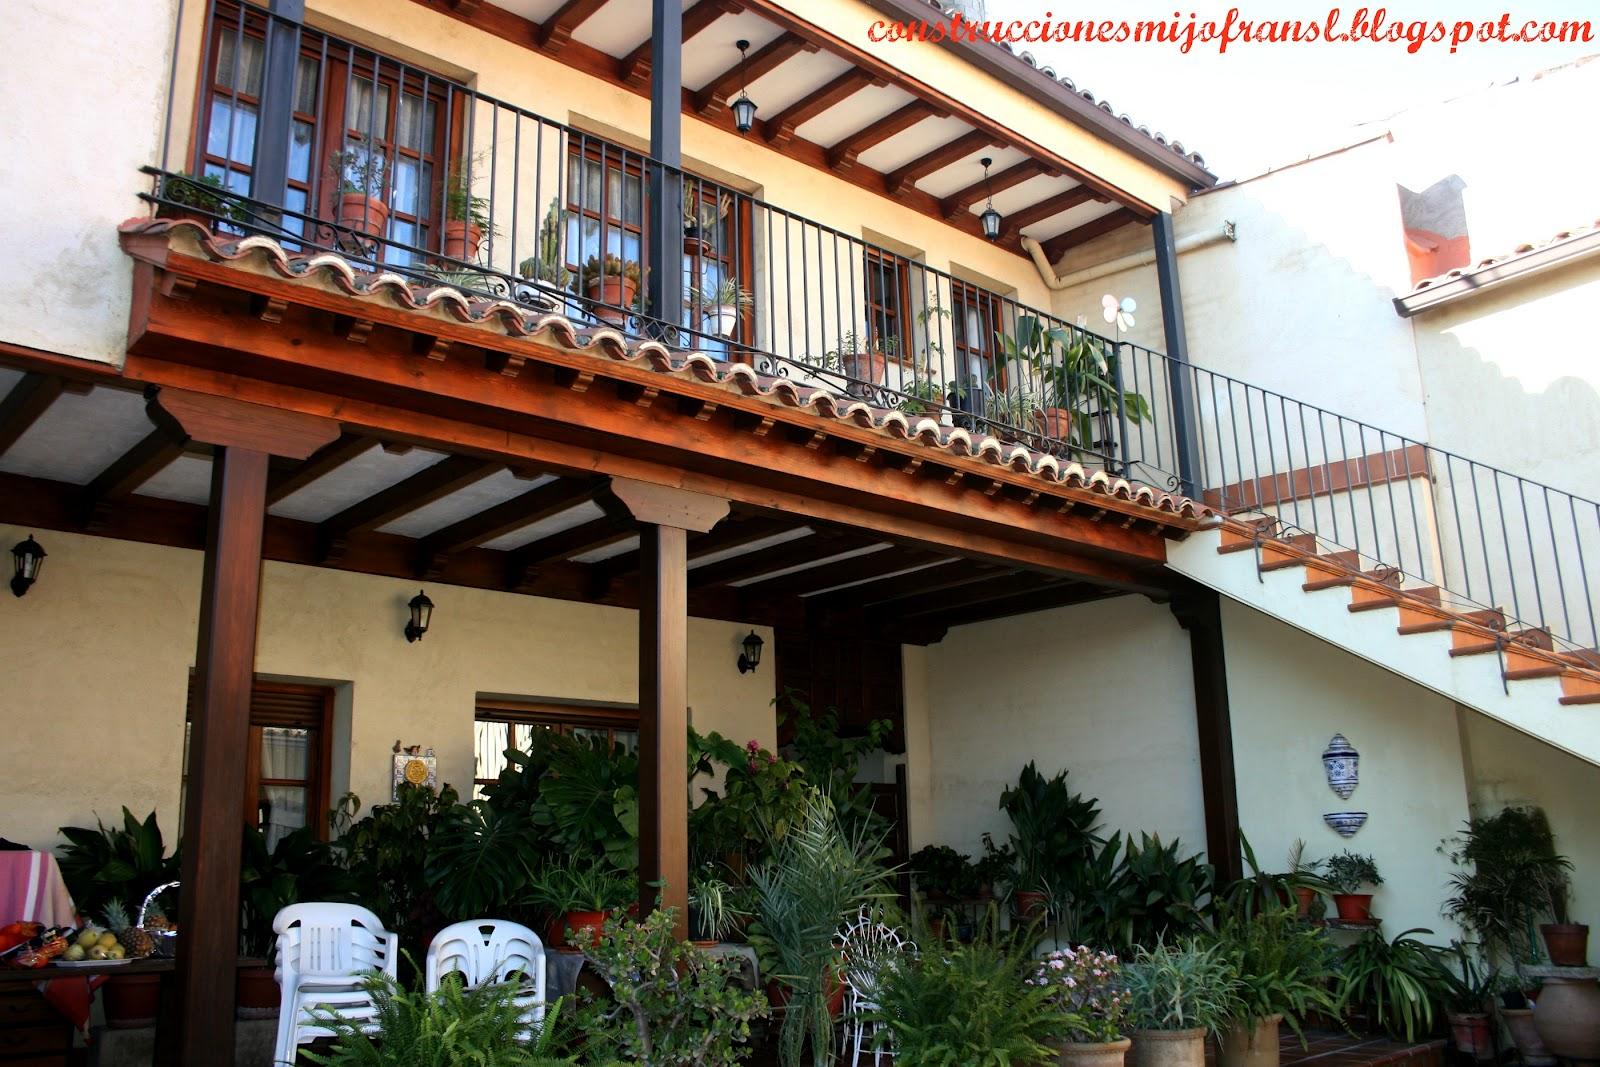 Construcciones mijofran s l restauraci n casa antigua - Restaurar casas antiguas ...